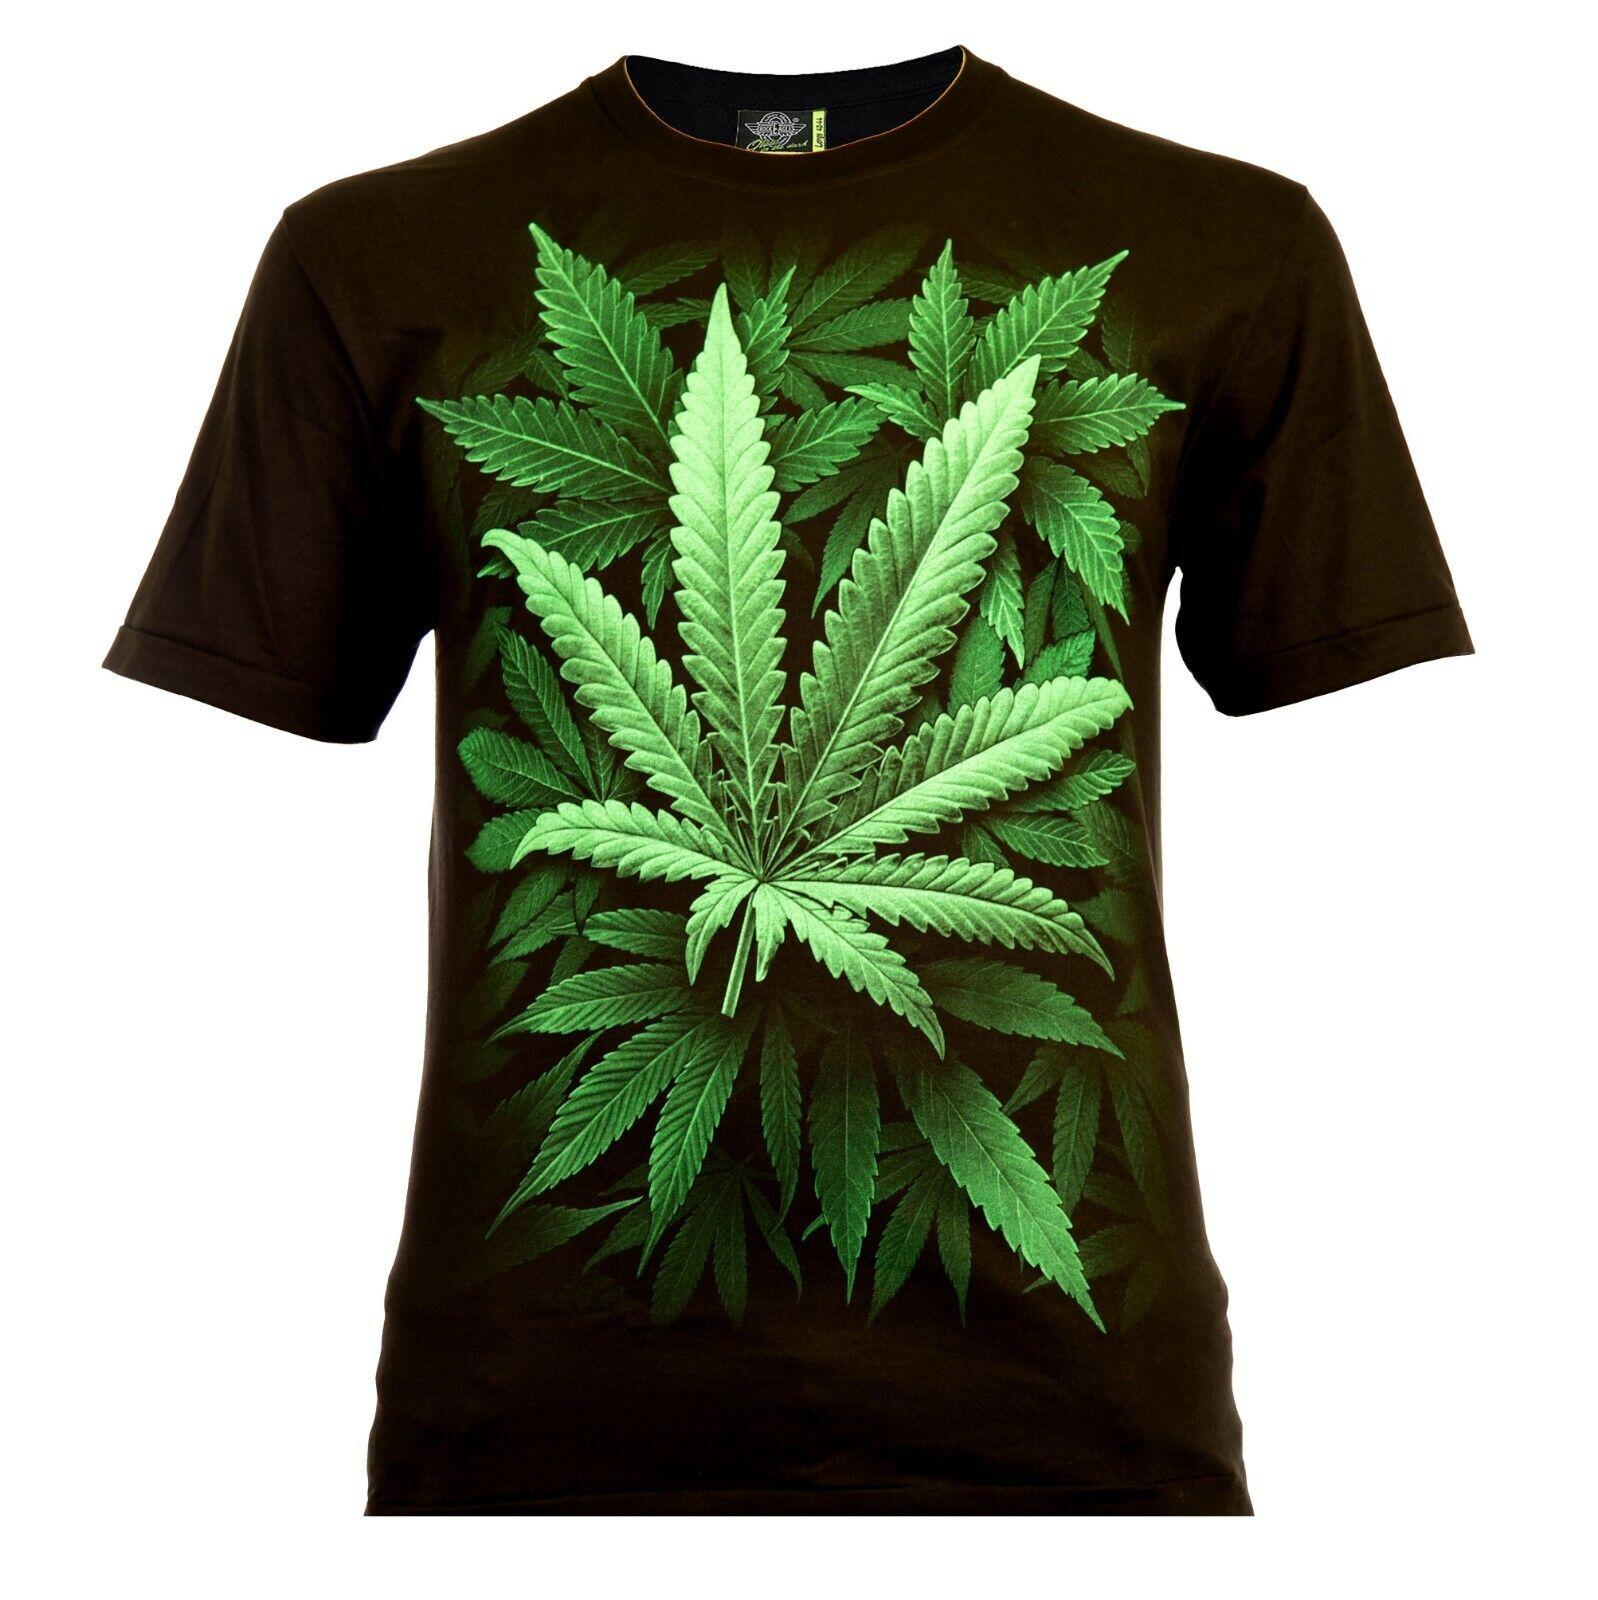 Rock Eagle Herren T-Shirt Schwarz Cannabis Leaf Ganja Weed Marijuana 420 THC